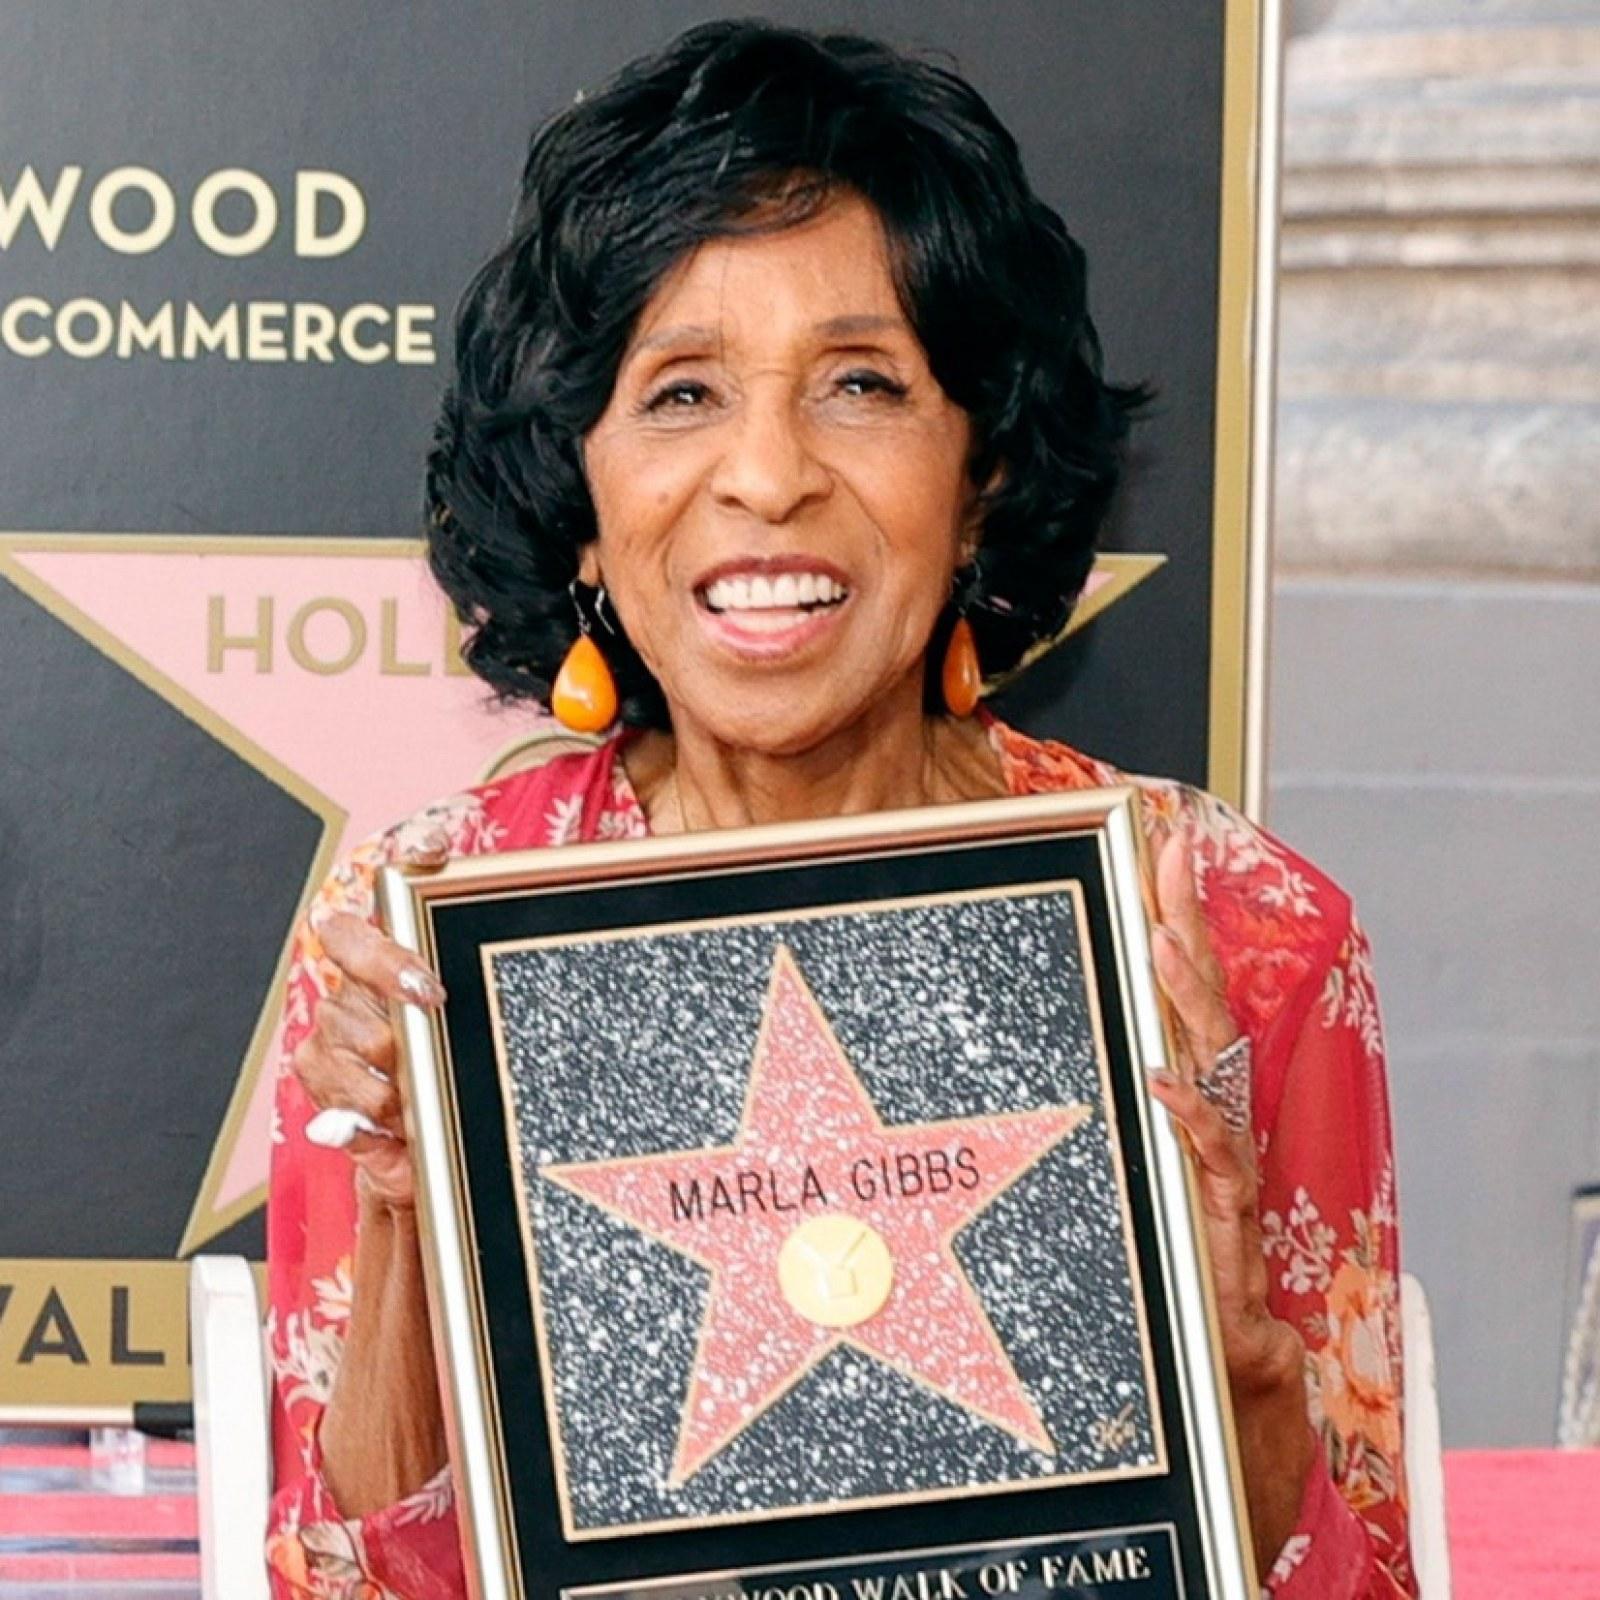 Marla Gibbs Says She Got 'Overwhelmed' At Walk of Fame Ceremony After  Sparking Concern